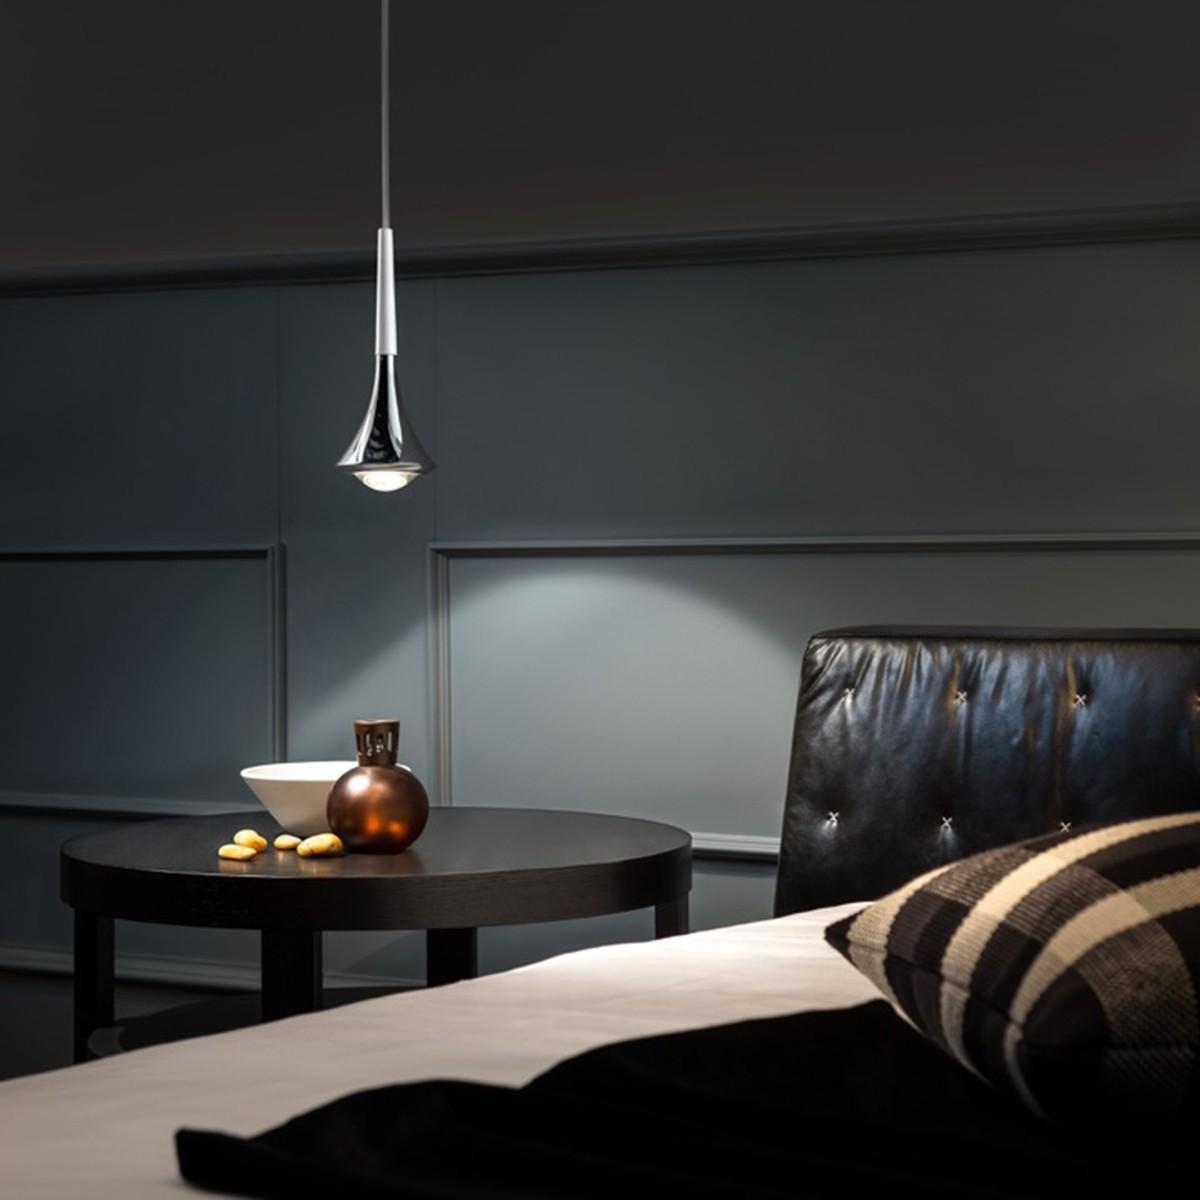 Studio Italia Design Rain Pendelleuchte 1-flg. 2700°K, Chrom - weiß matt